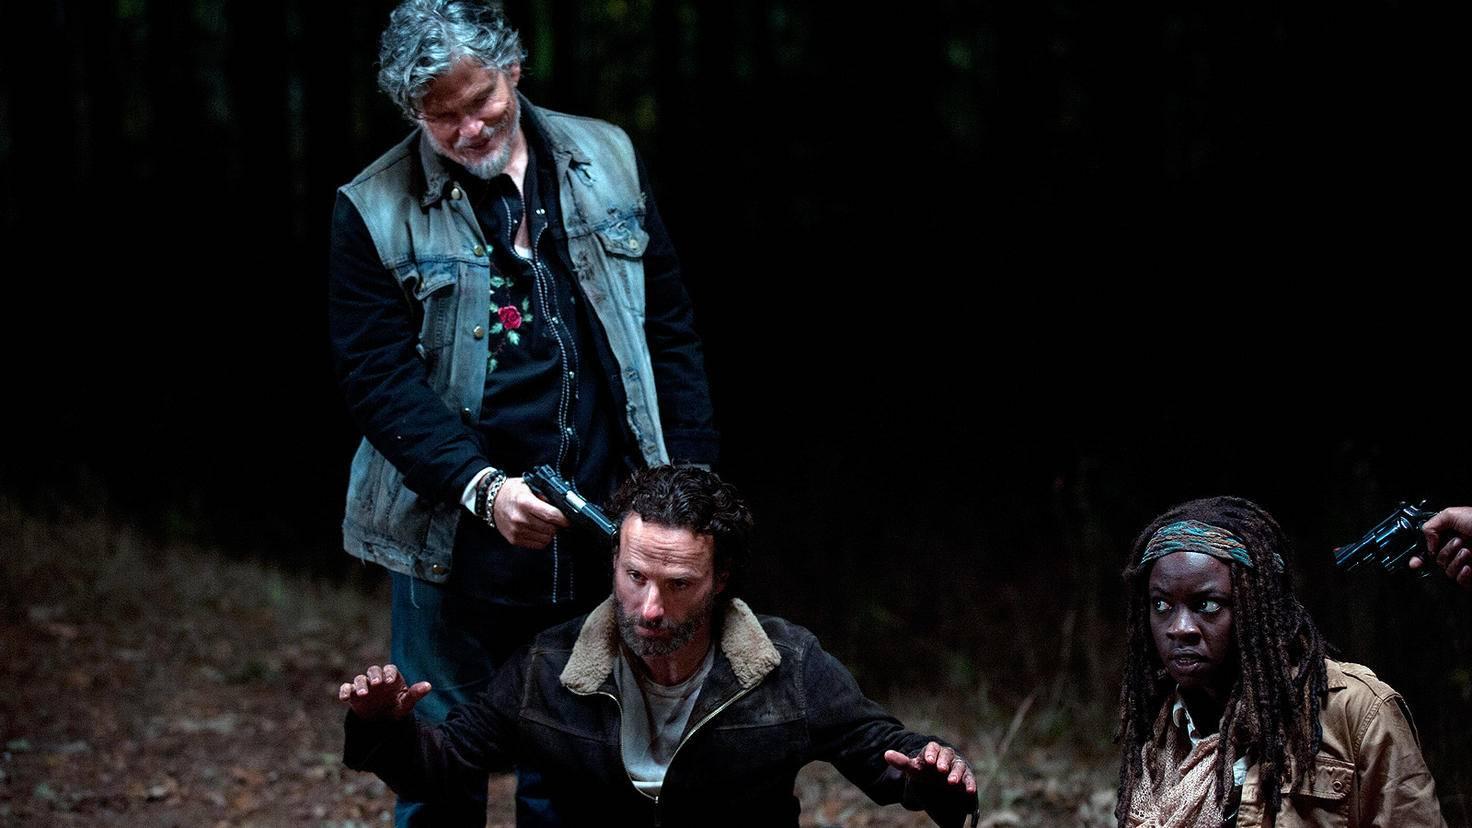 Joe-The Walking Dead-Gene Page-AMC-TWD_416_GP_1115_0085